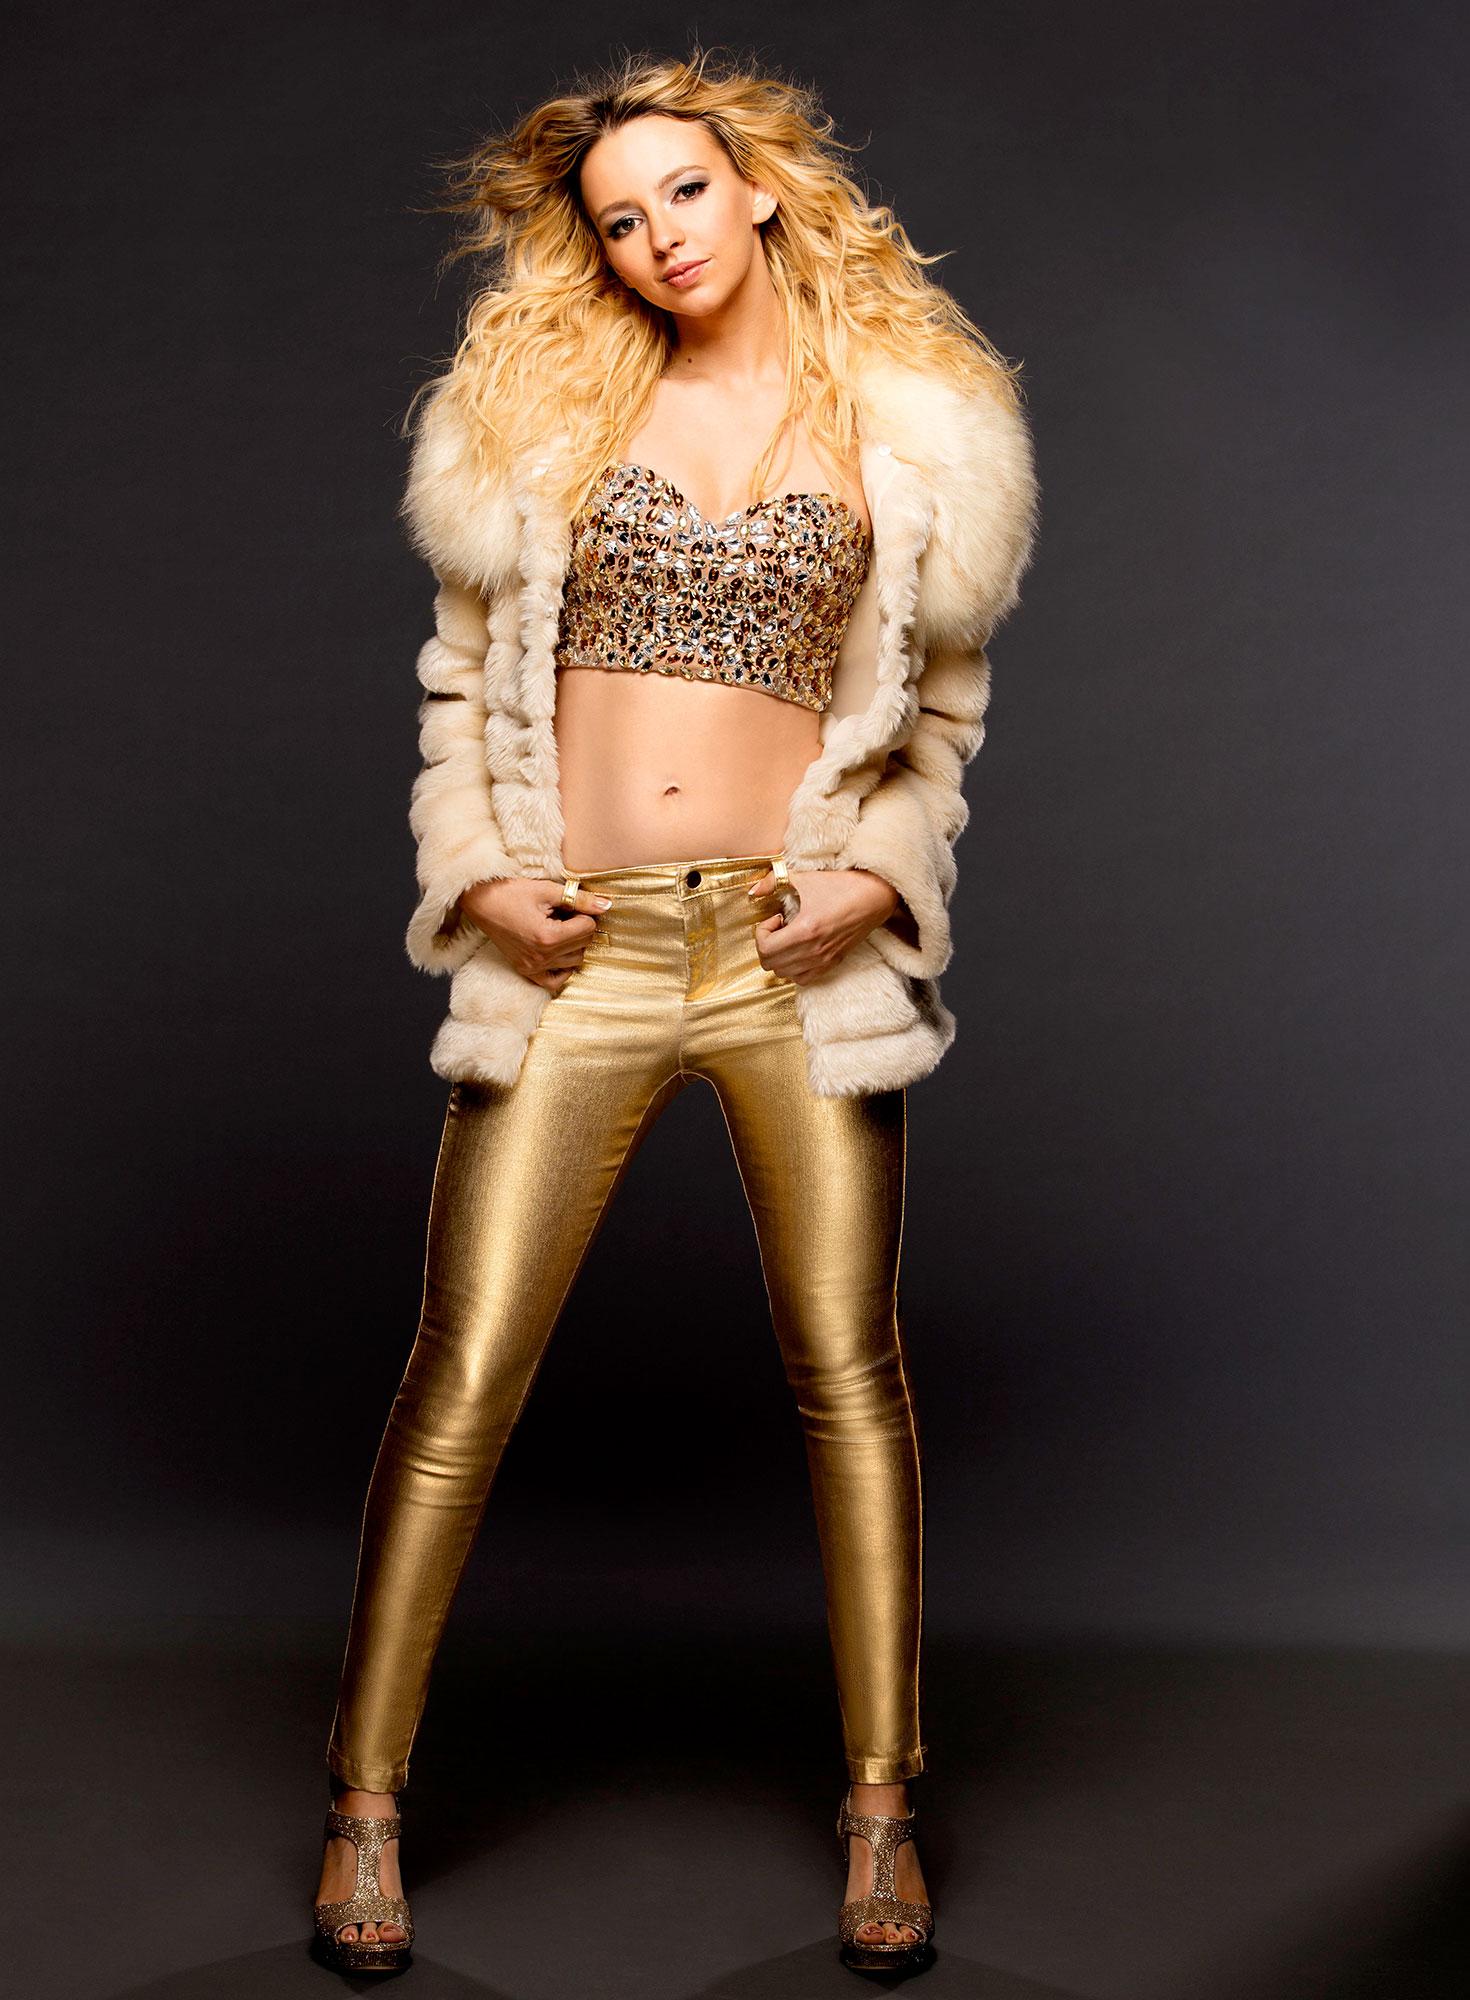 Natasha Bassett as Britney Spears